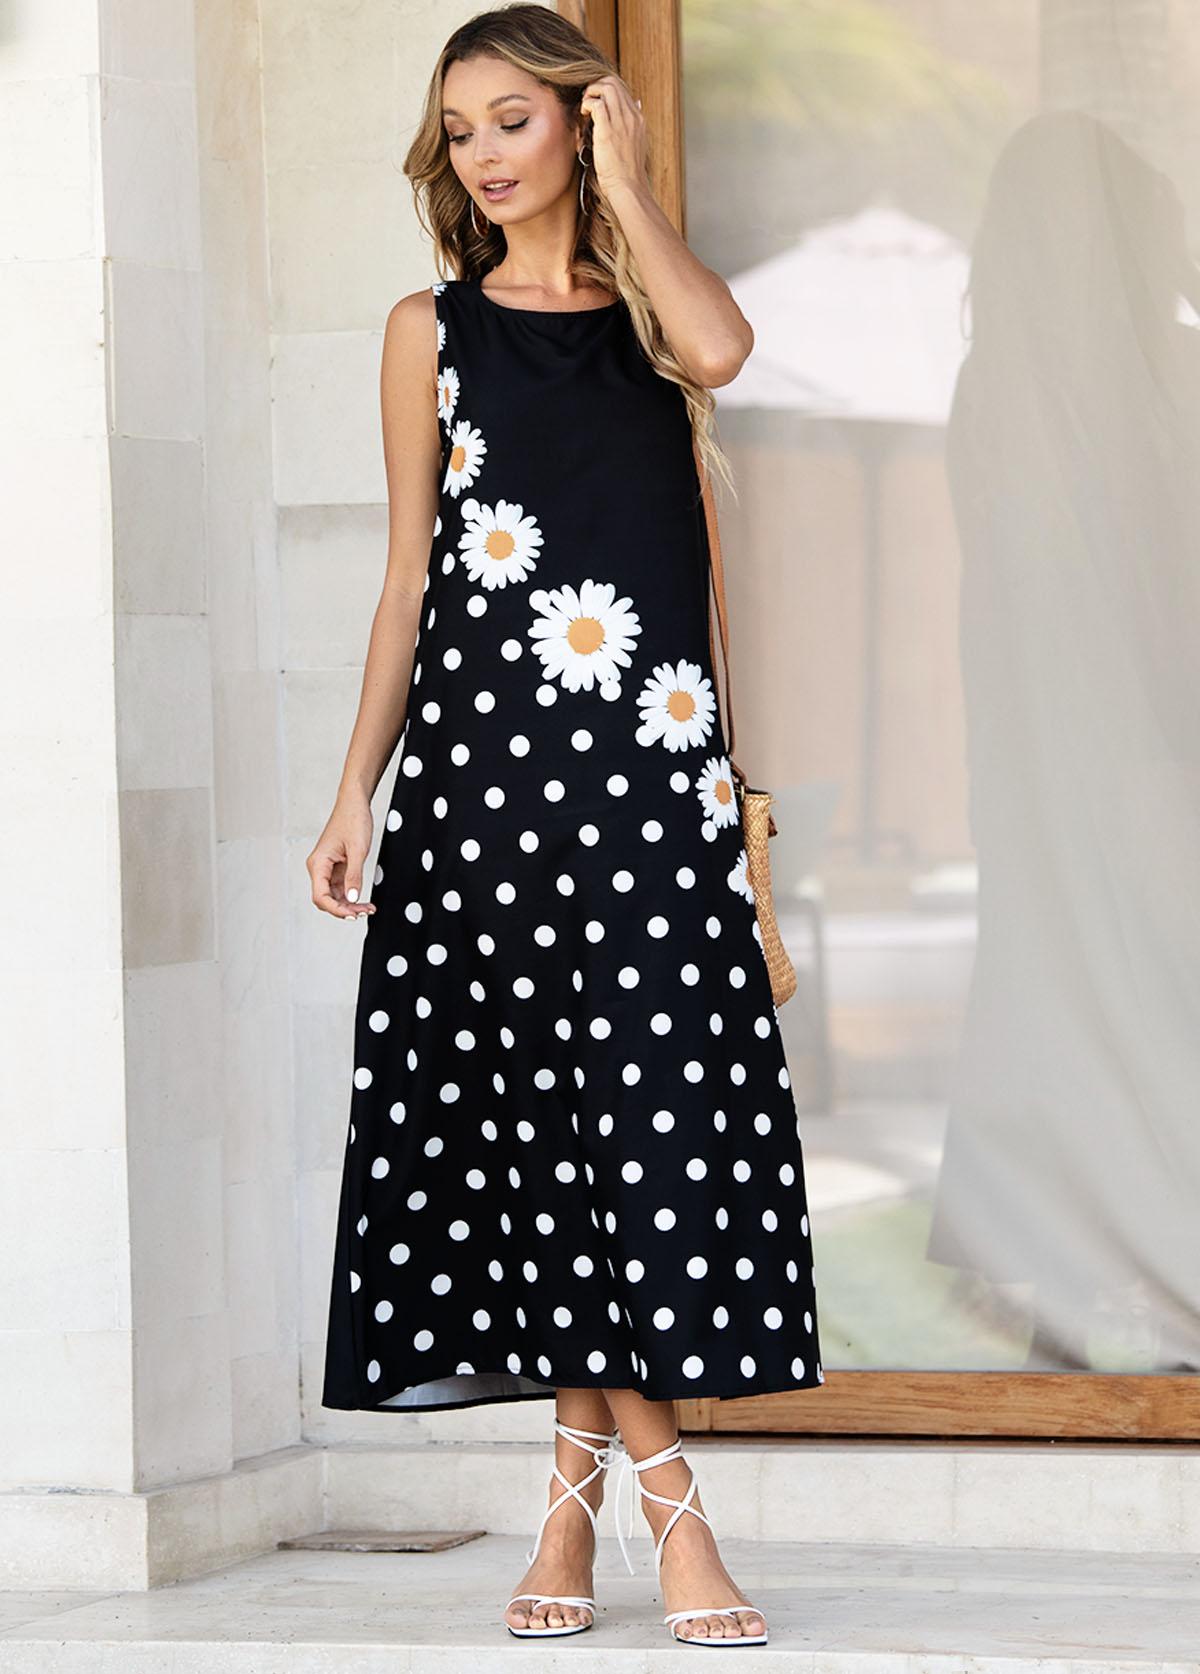 Sleeveless Daisy Print Polka Dot Dress